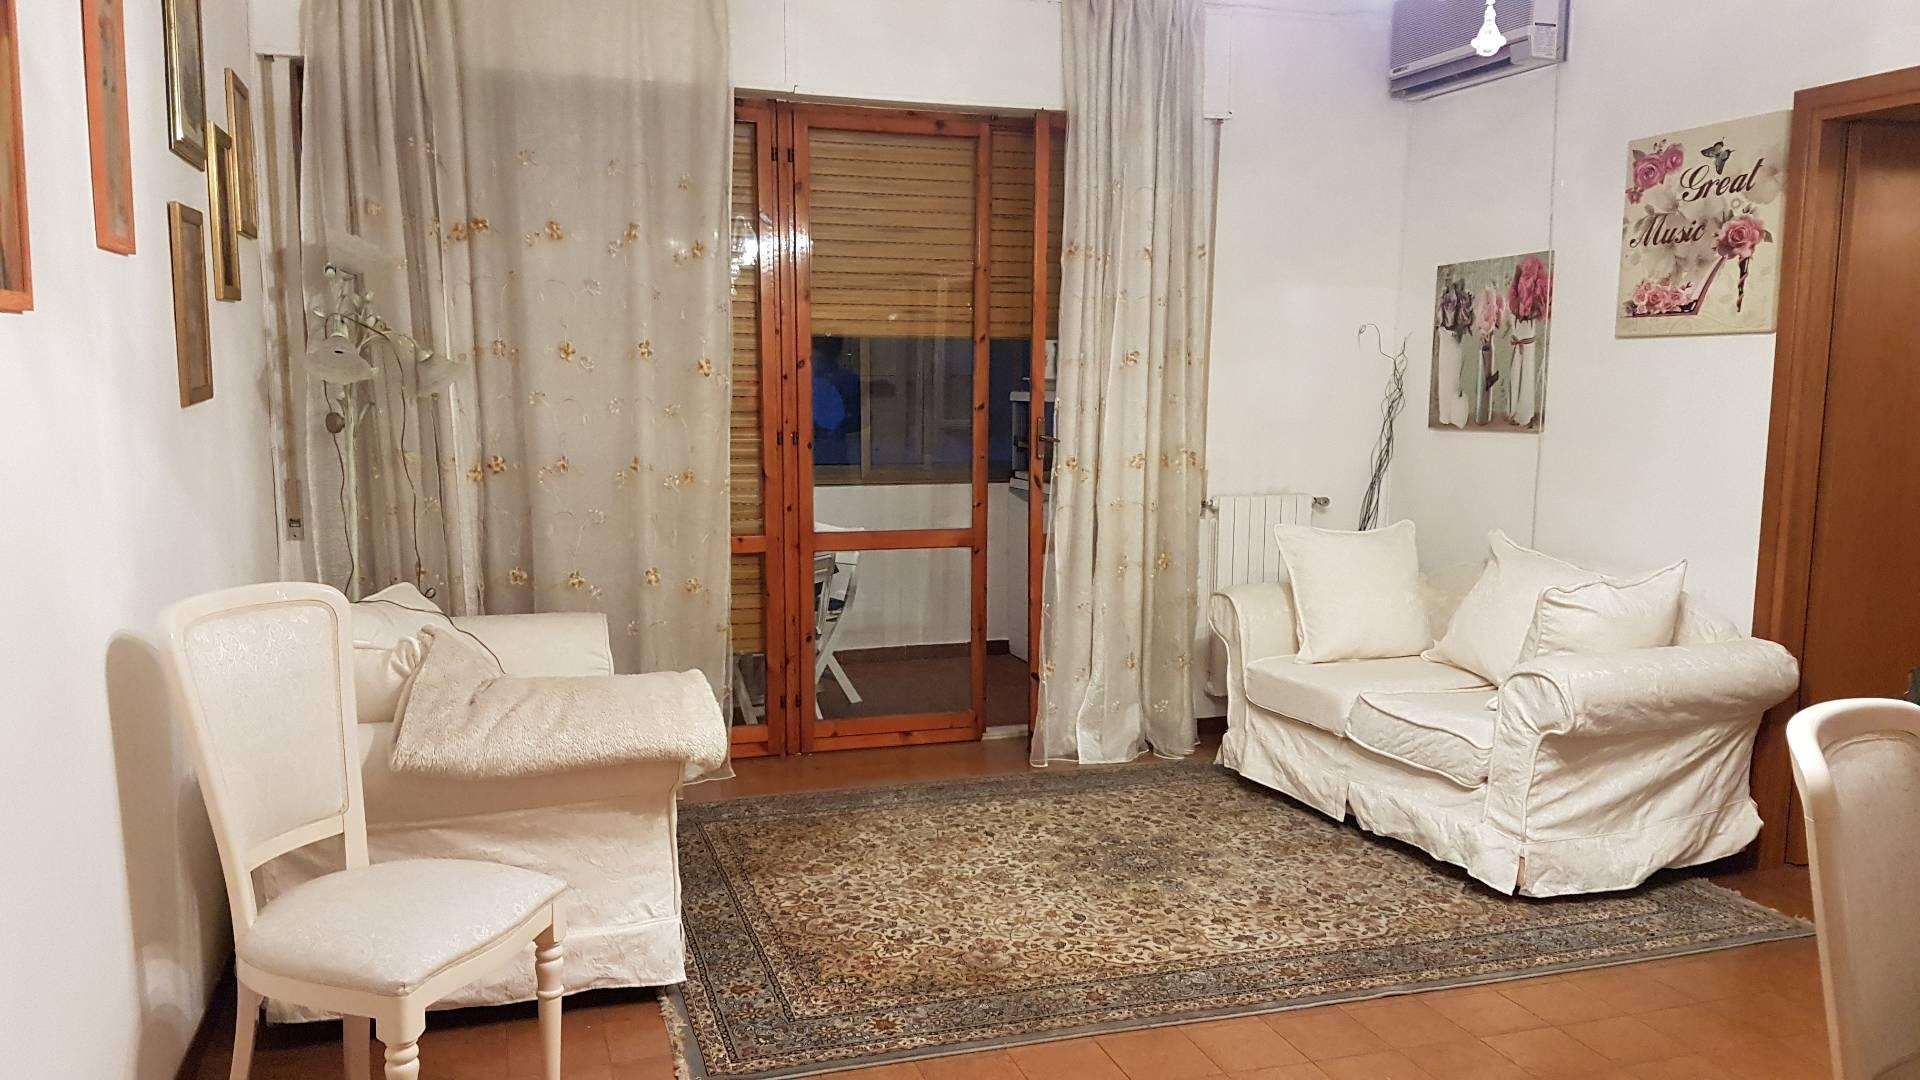 Appartamento in affitto a Cagliari, 3 locali, zona Zona: Pirri, prezzo € 700 | Cambio Casa.it